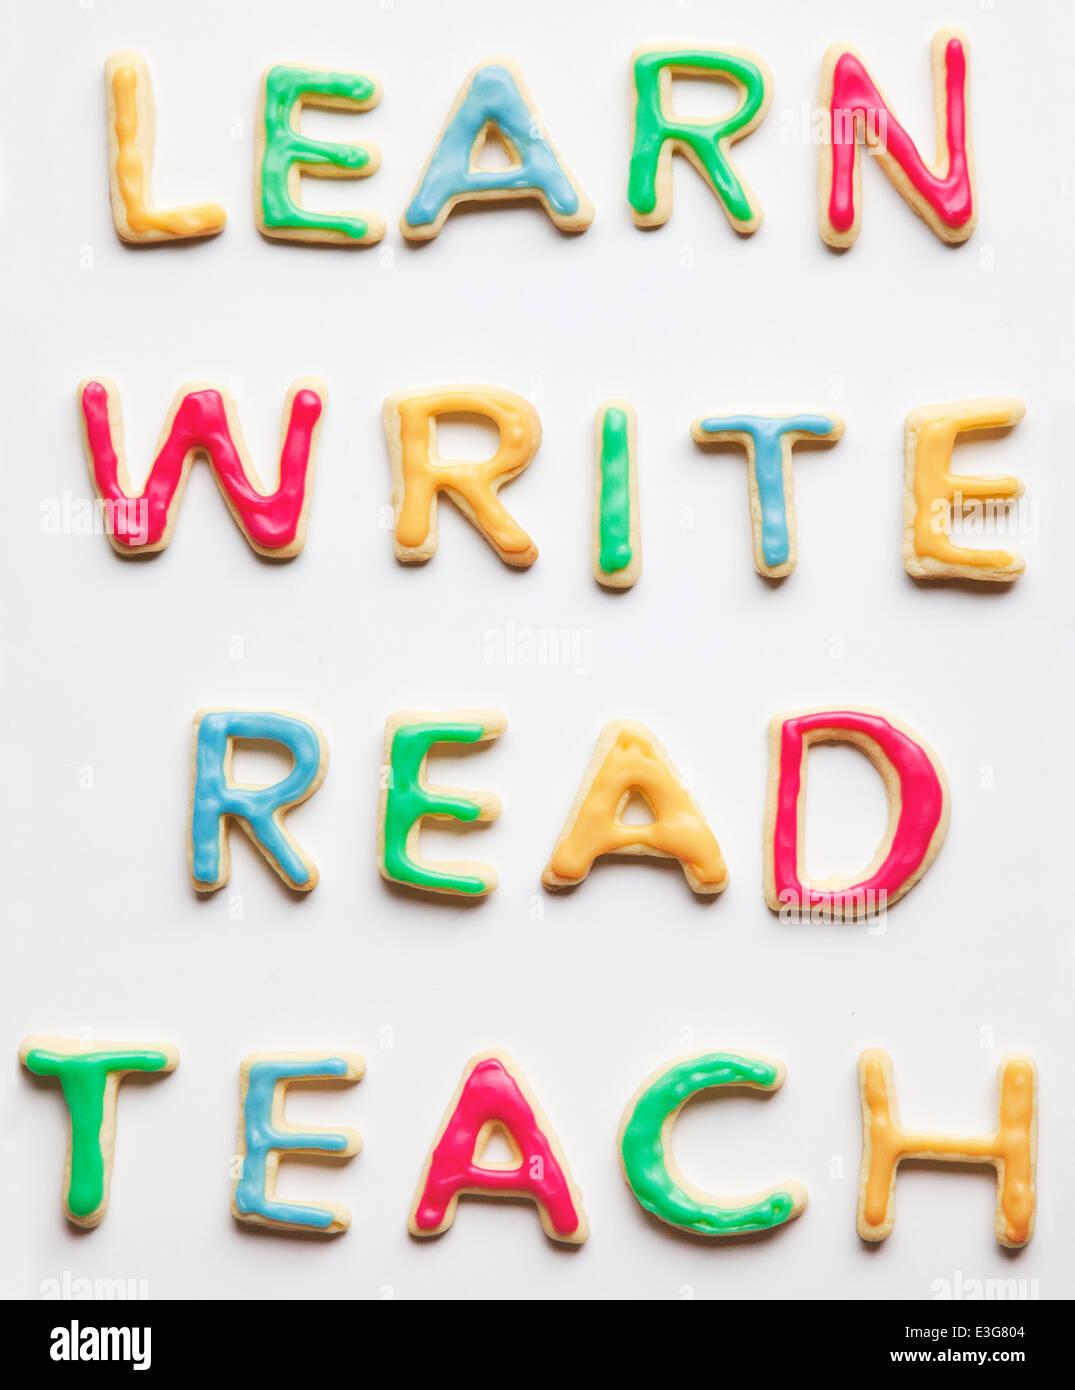 Lernen Sie, schreiben, lesen und Teach dekoriert cookies Stockbild